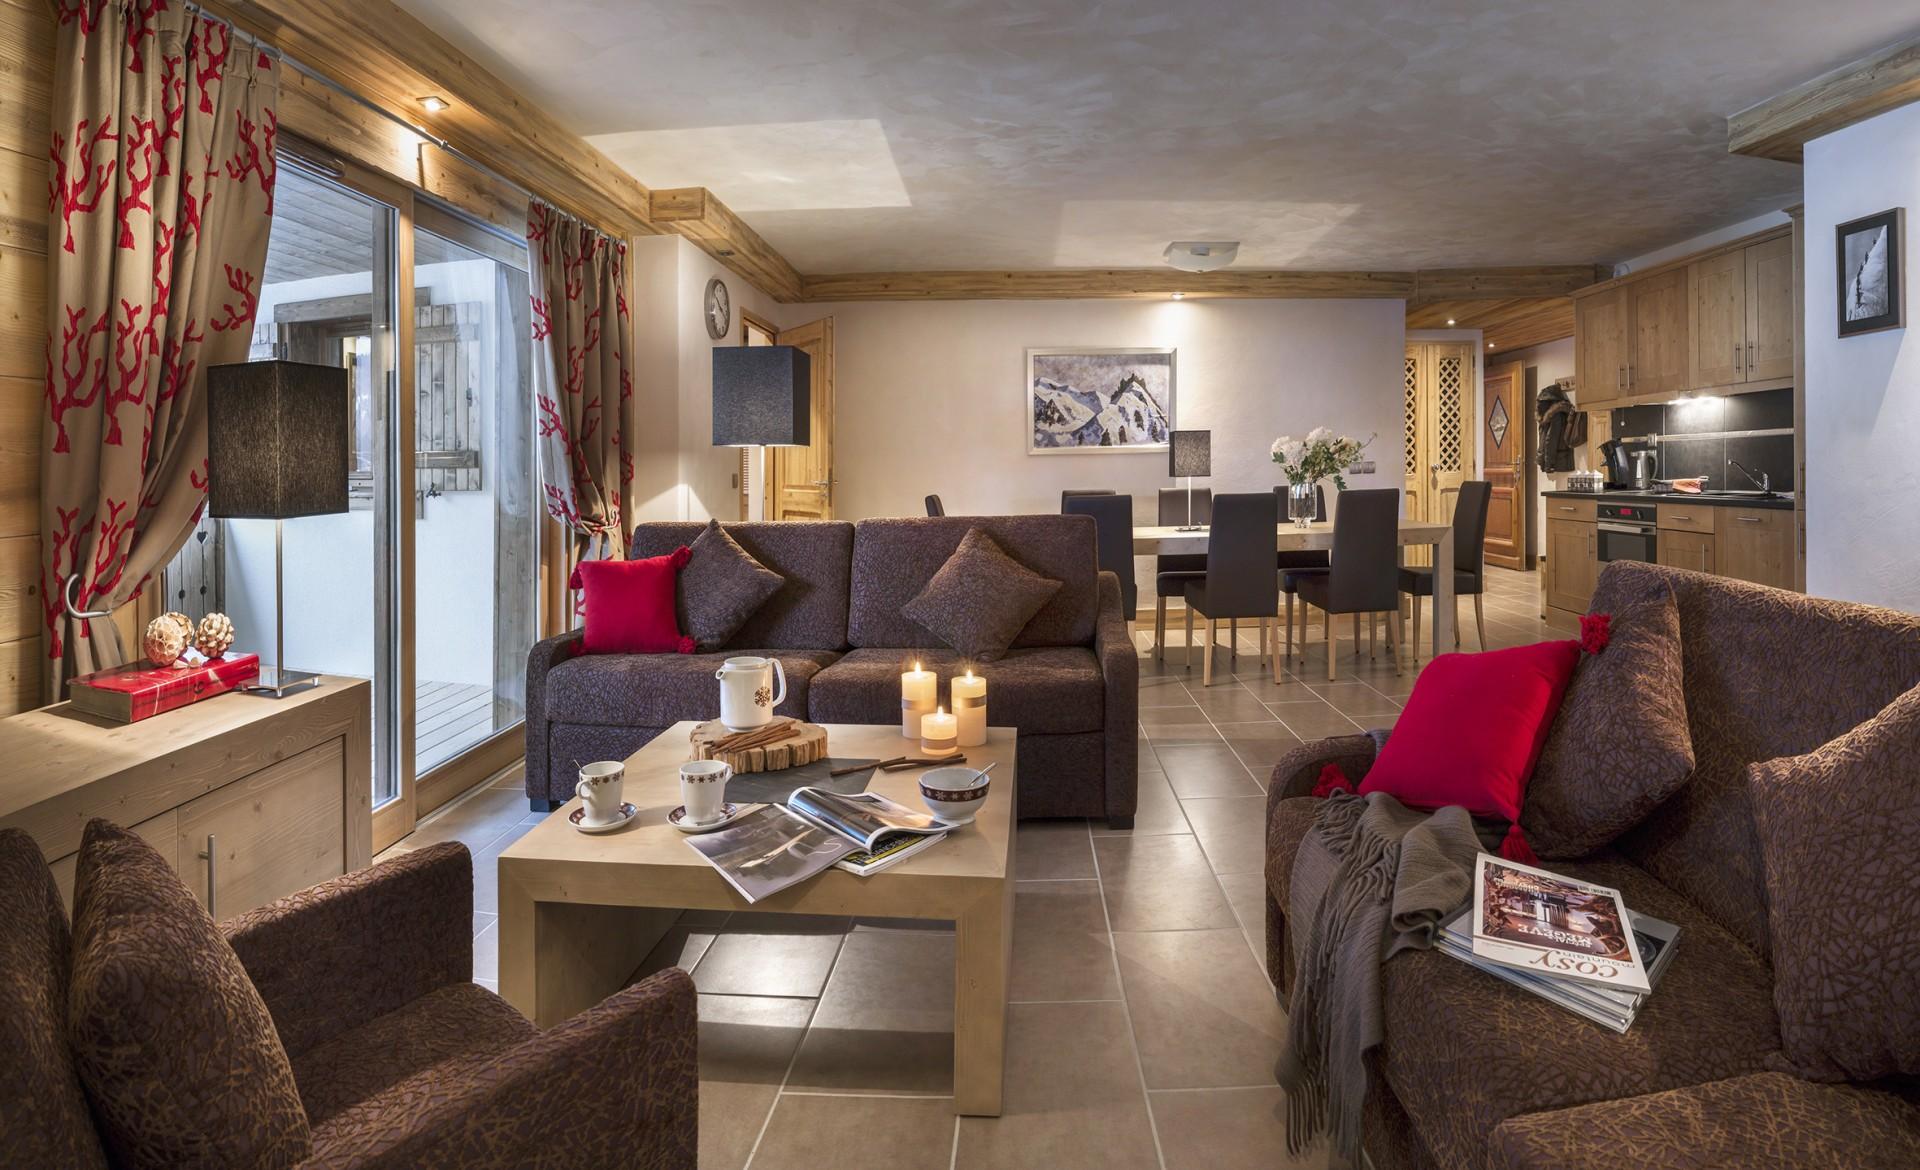 Flaine Location Appartement Luxe Fassaite Duplex Salon